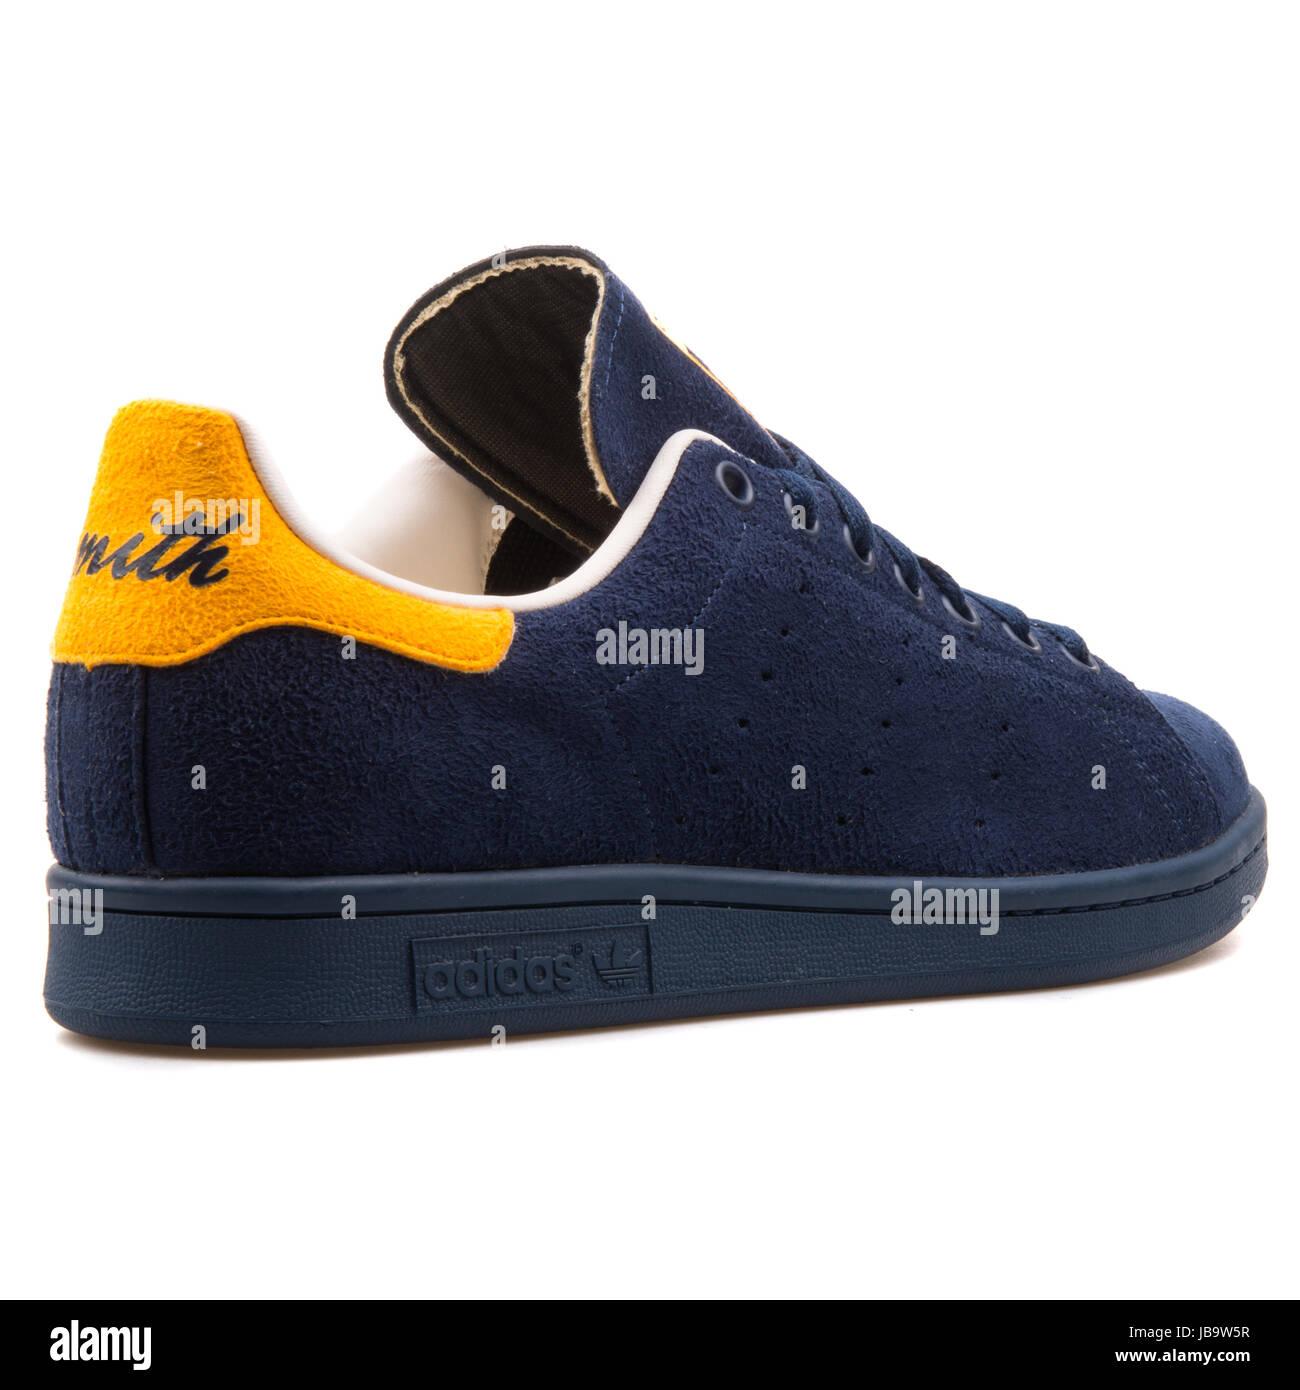 Adidas Stan Smith azul zapatos marino y amarillo hombres zapatos azul deportivos 7d9afc